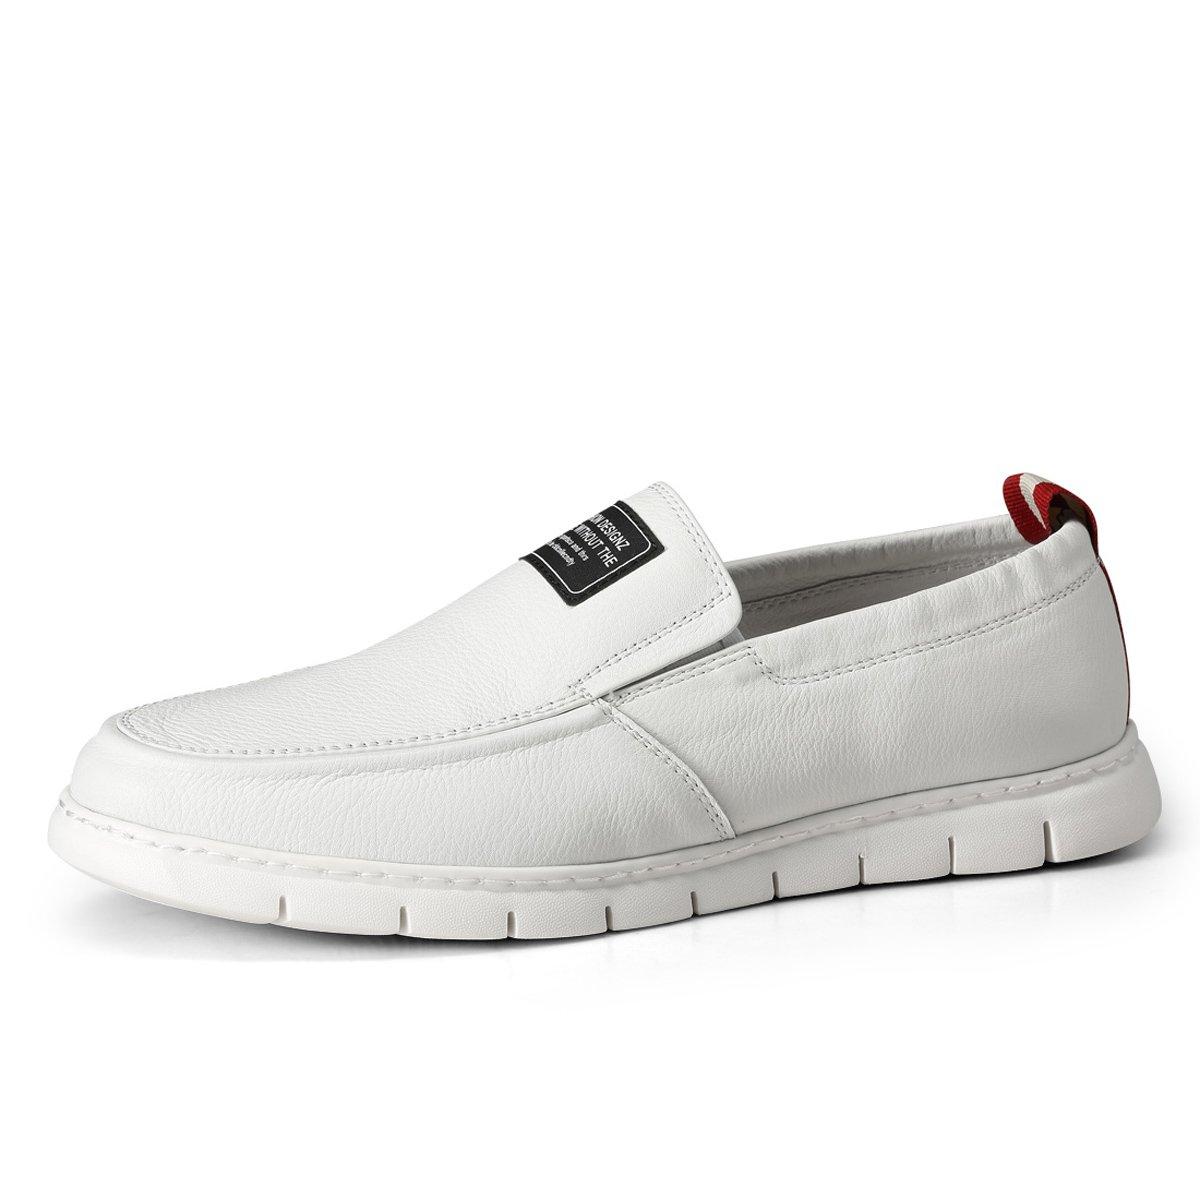 卡丹路春季新品 经典牛皮舒适套脚男鞋懒人鞋乐福鞋男士皮鞋DC188050820